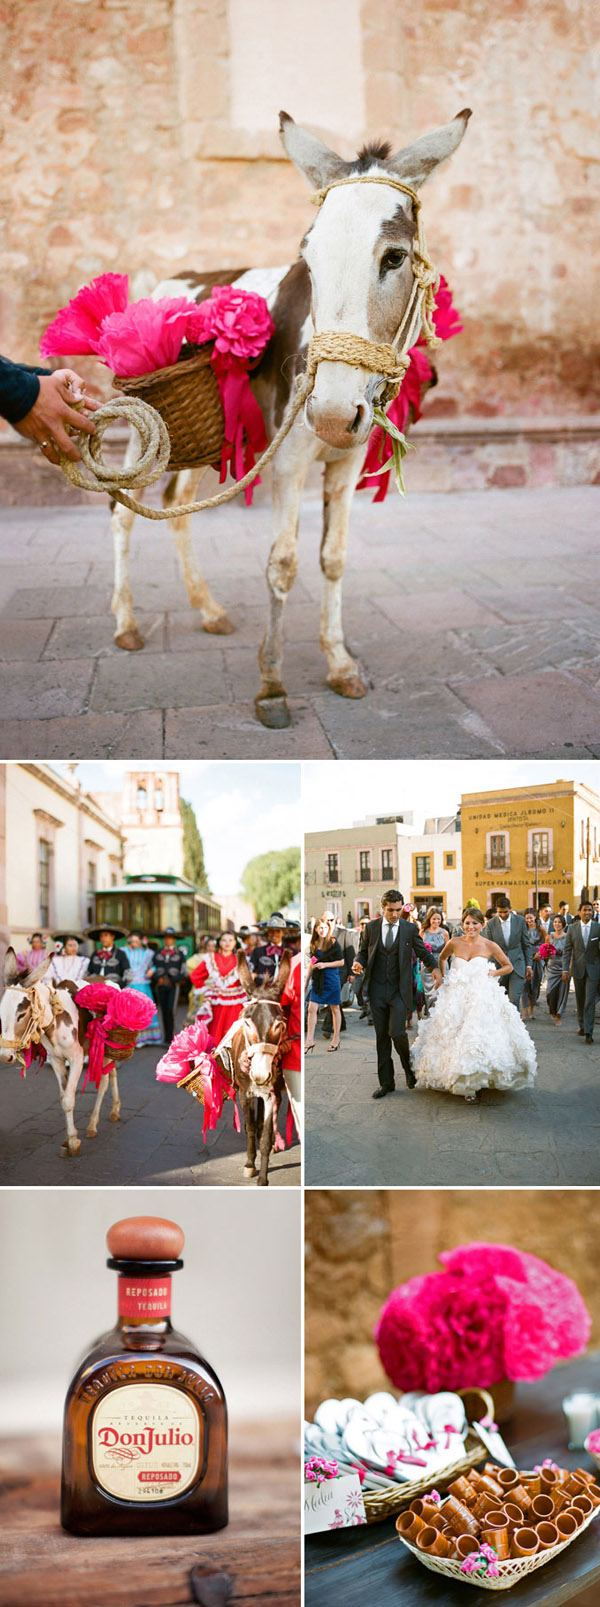 Regina & Zaheen: boda en Zacatecas mexico_6_600x1607